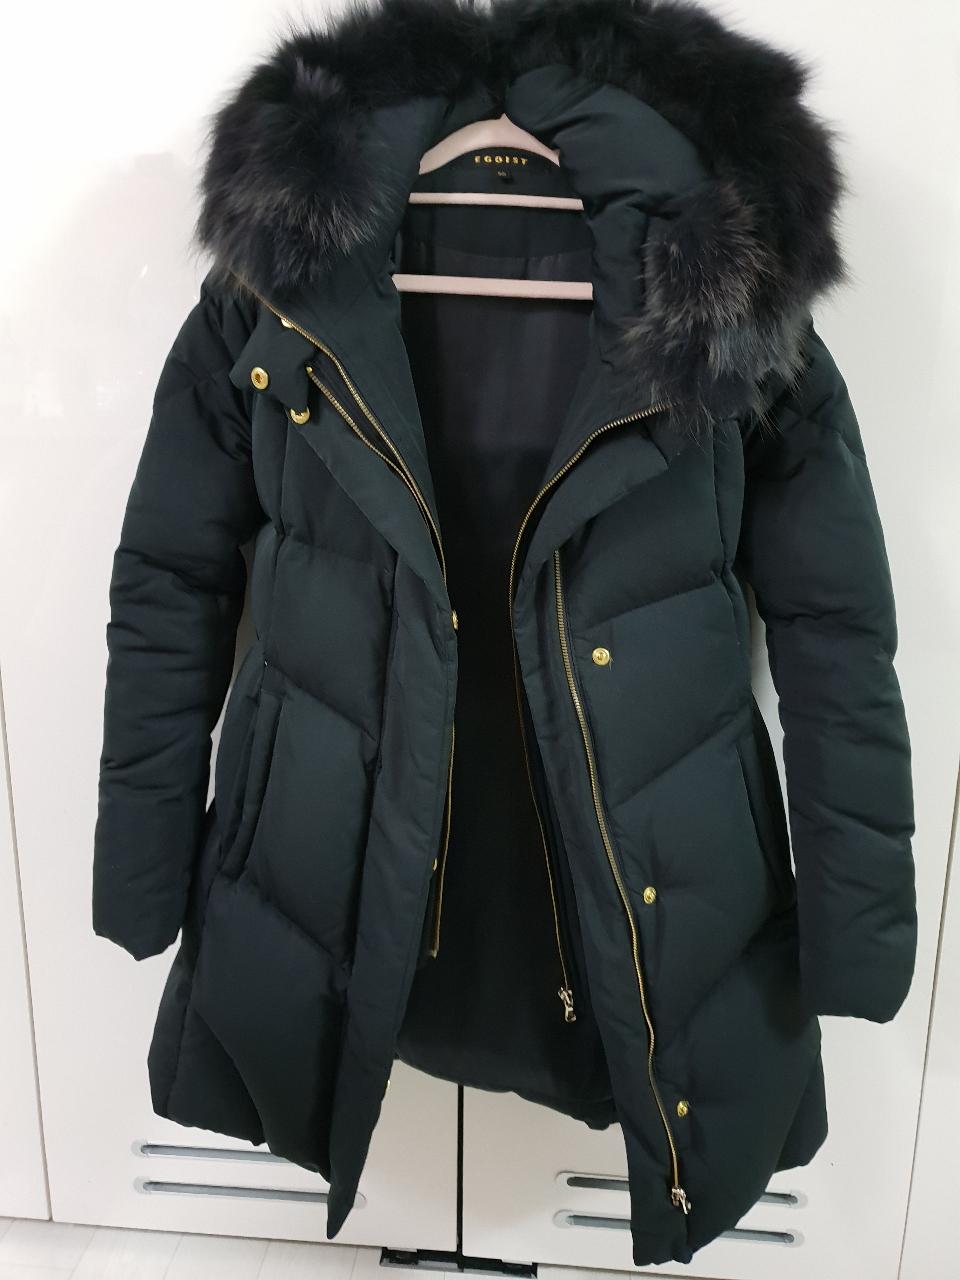 에고이스트 오리털 코트